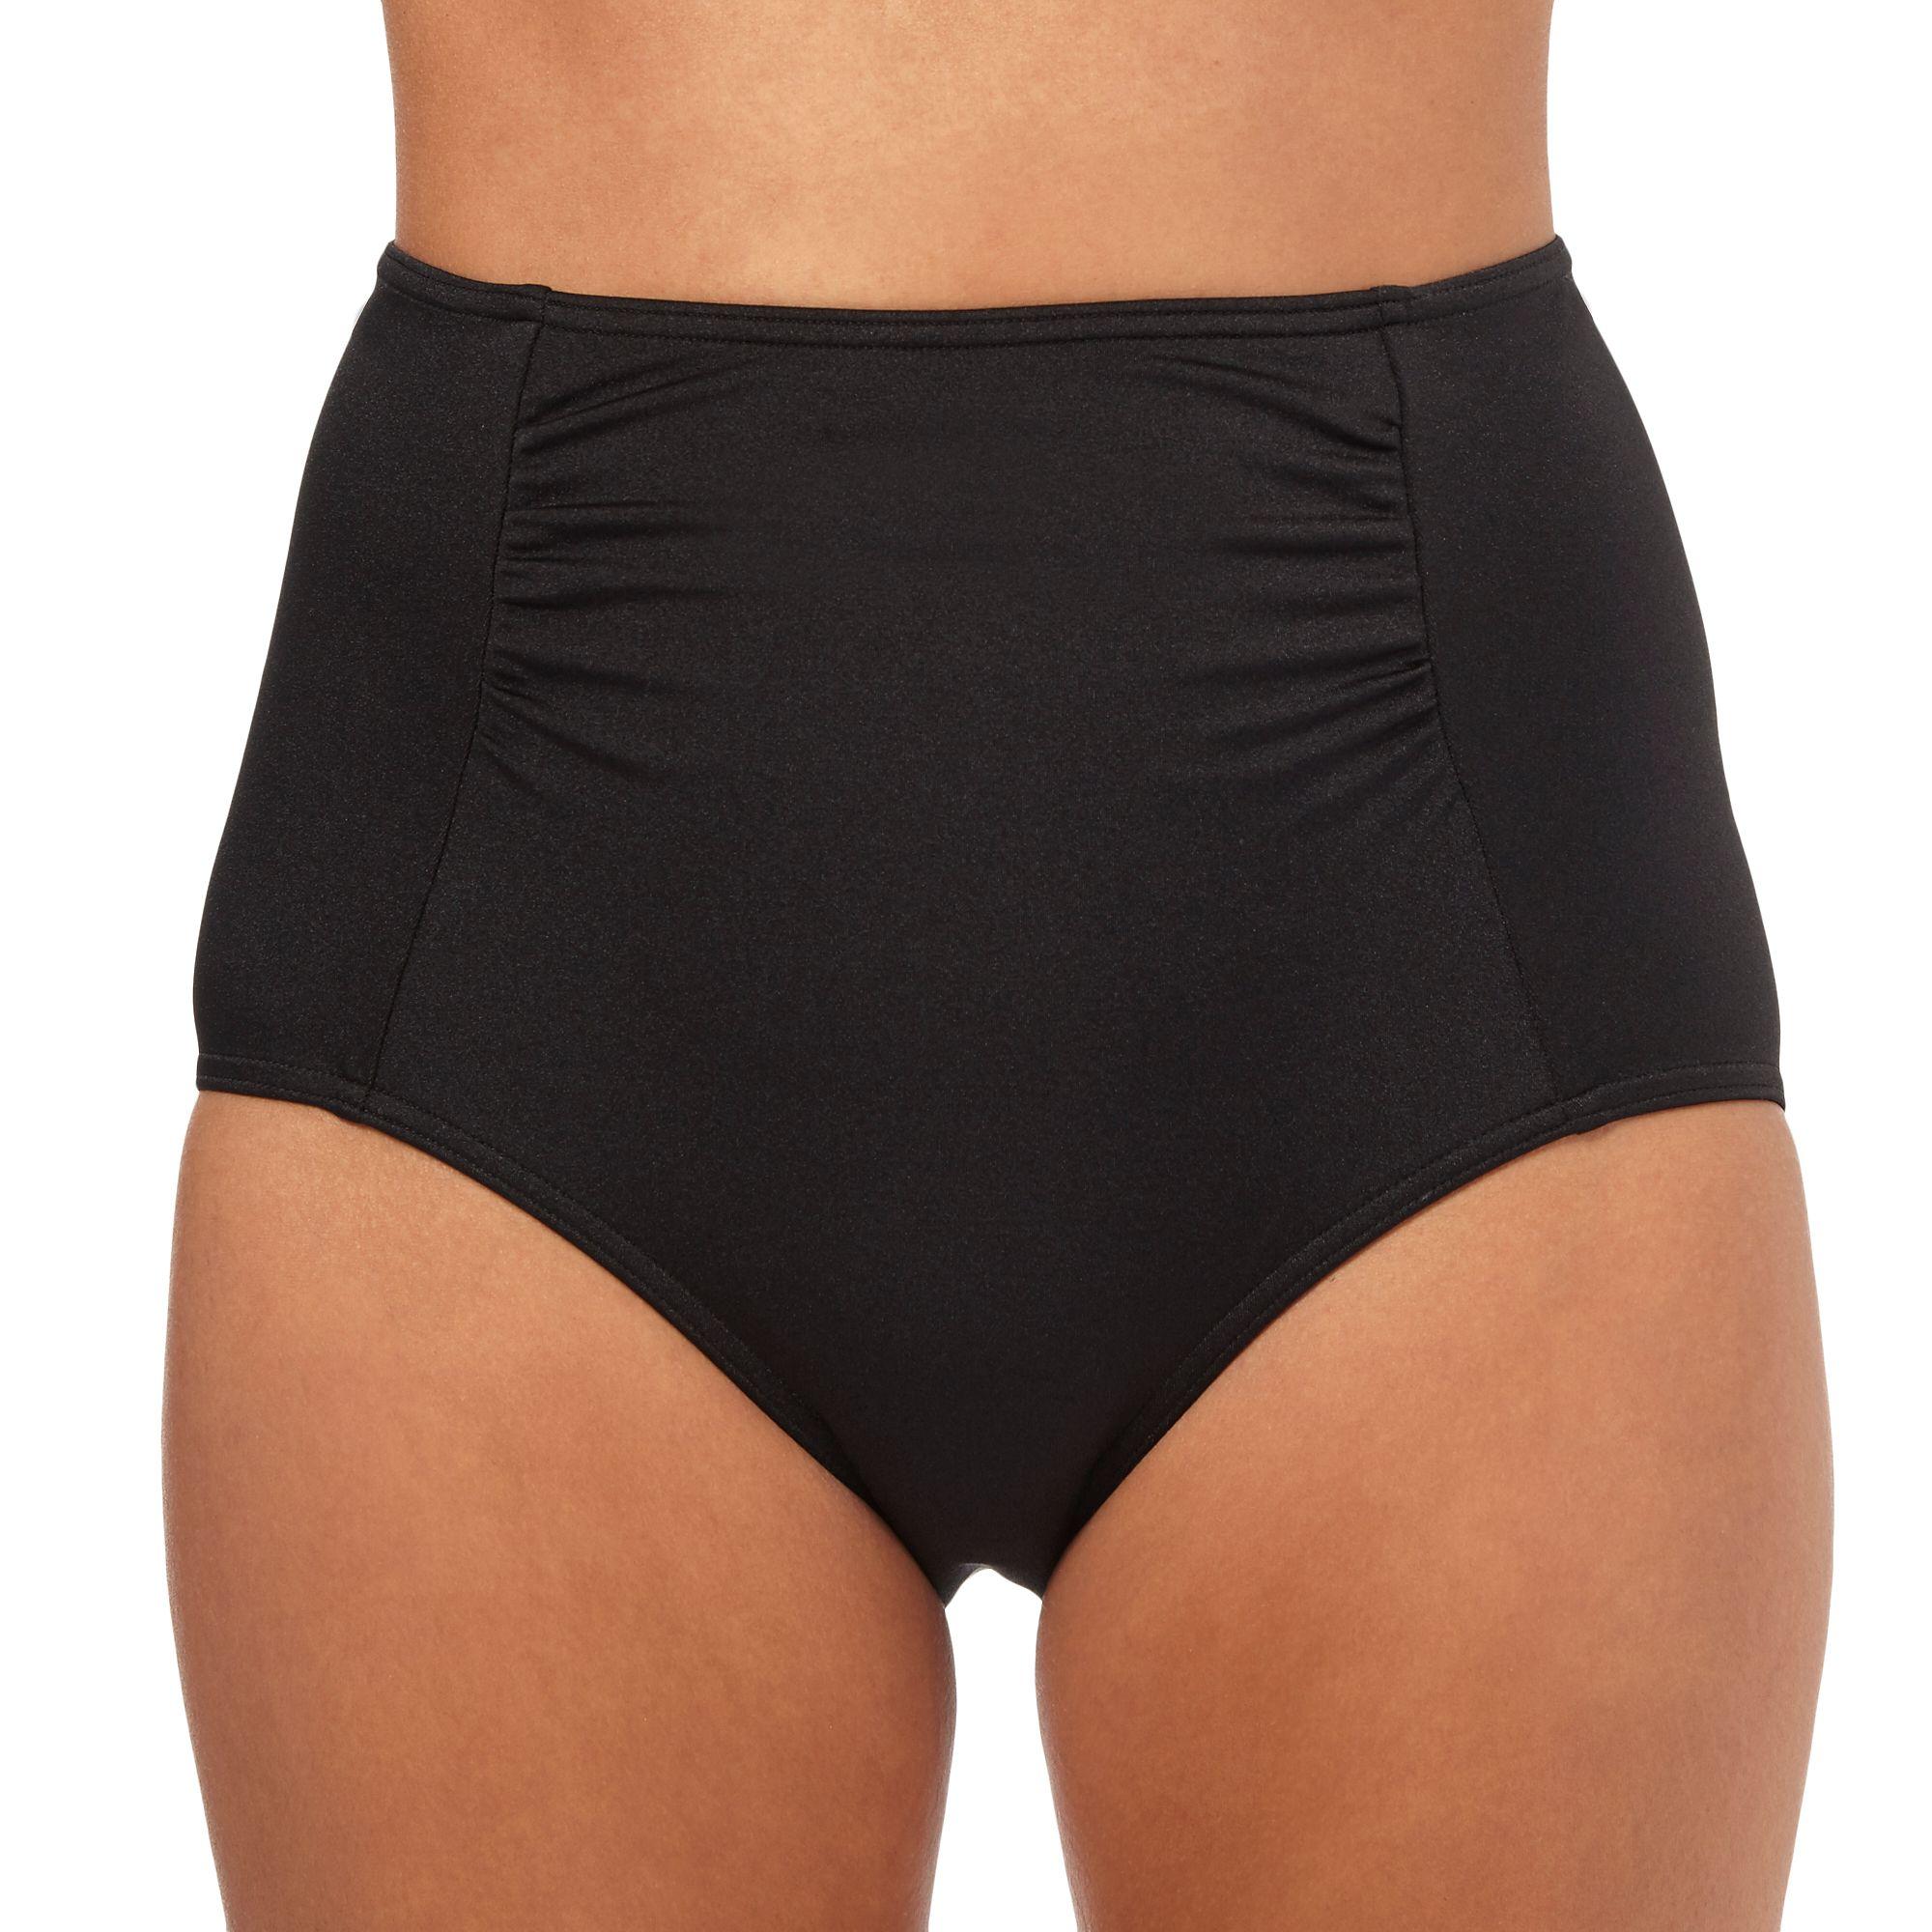 bikini bottom control pad